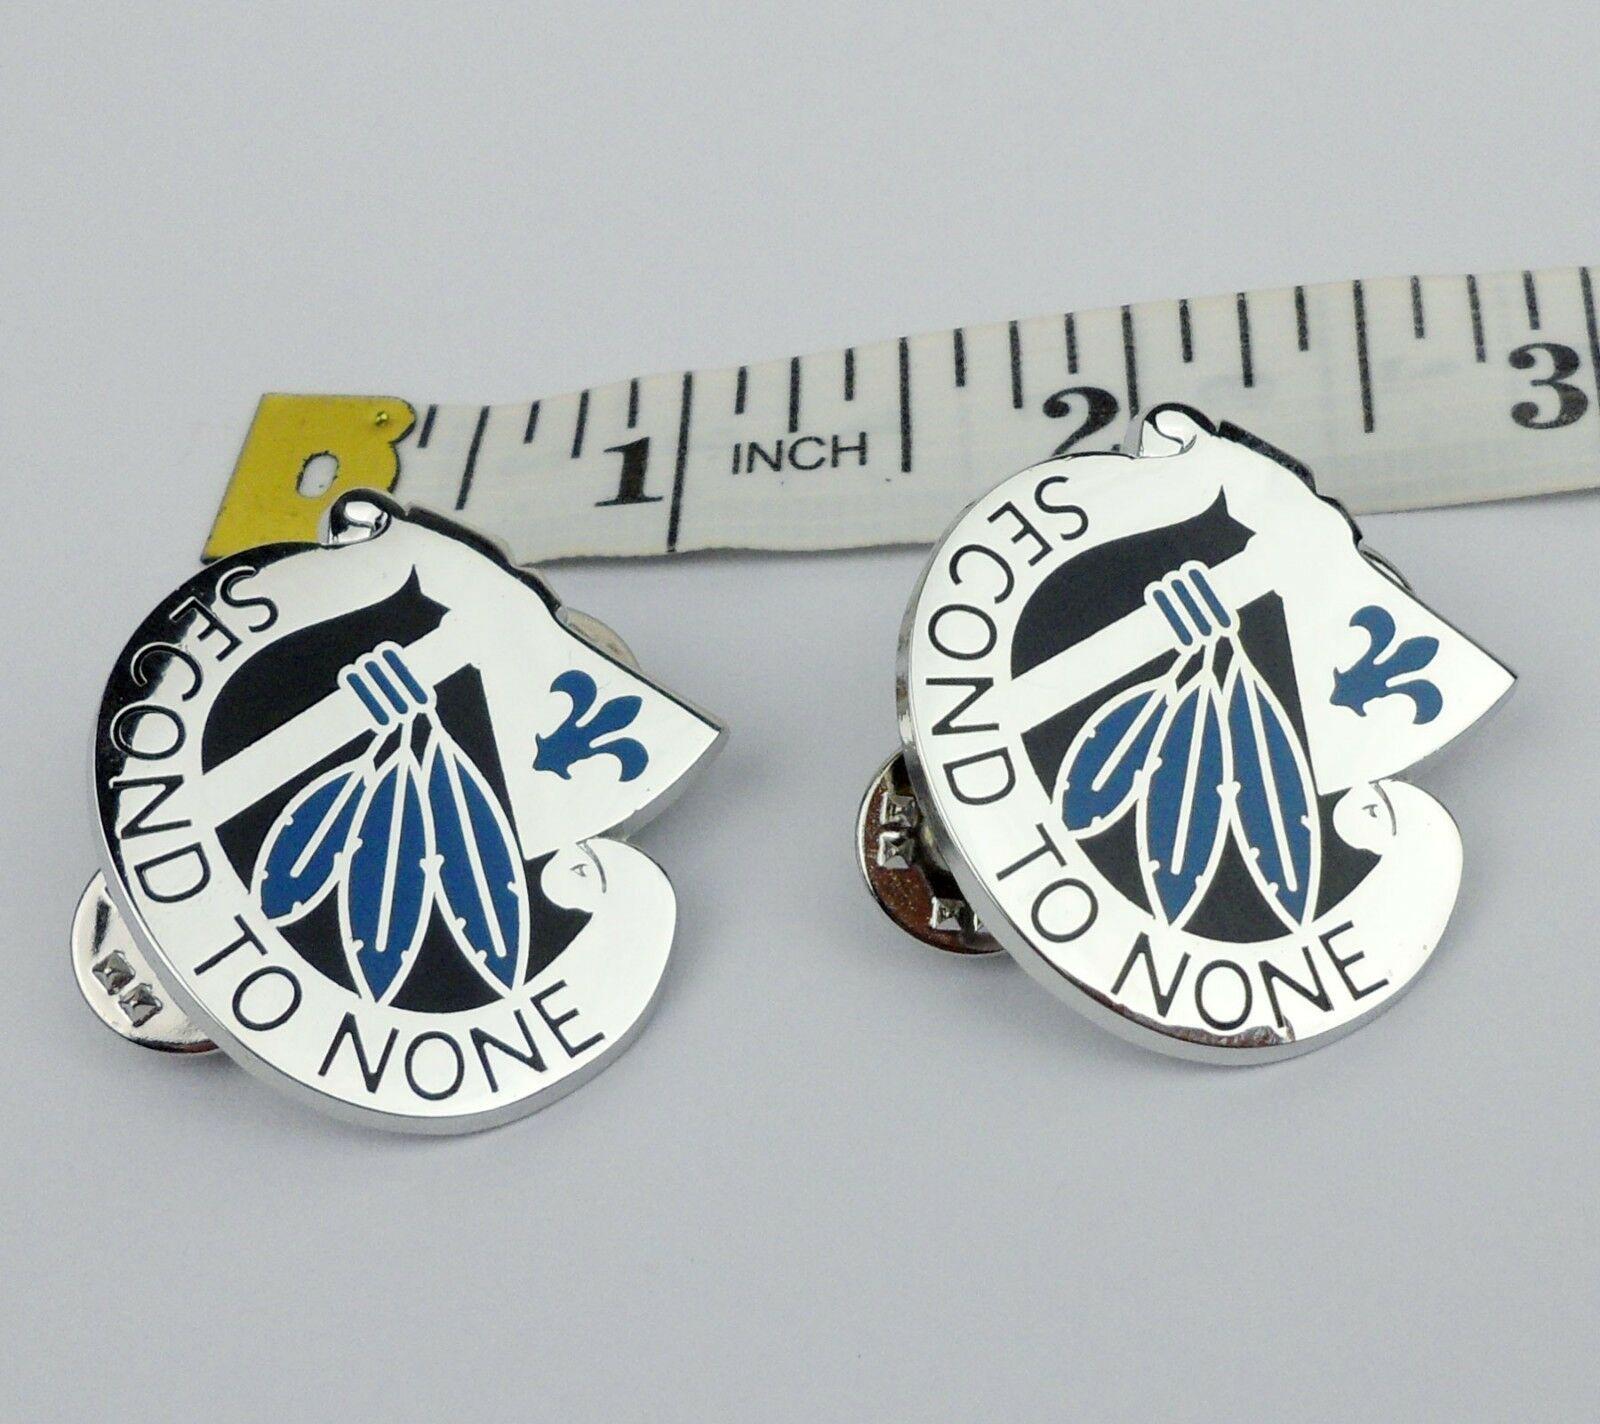 Par US ejército 2ª división de infantería sombrero PIN con distintivo segundo a ninguno insignia-251 tienda militar